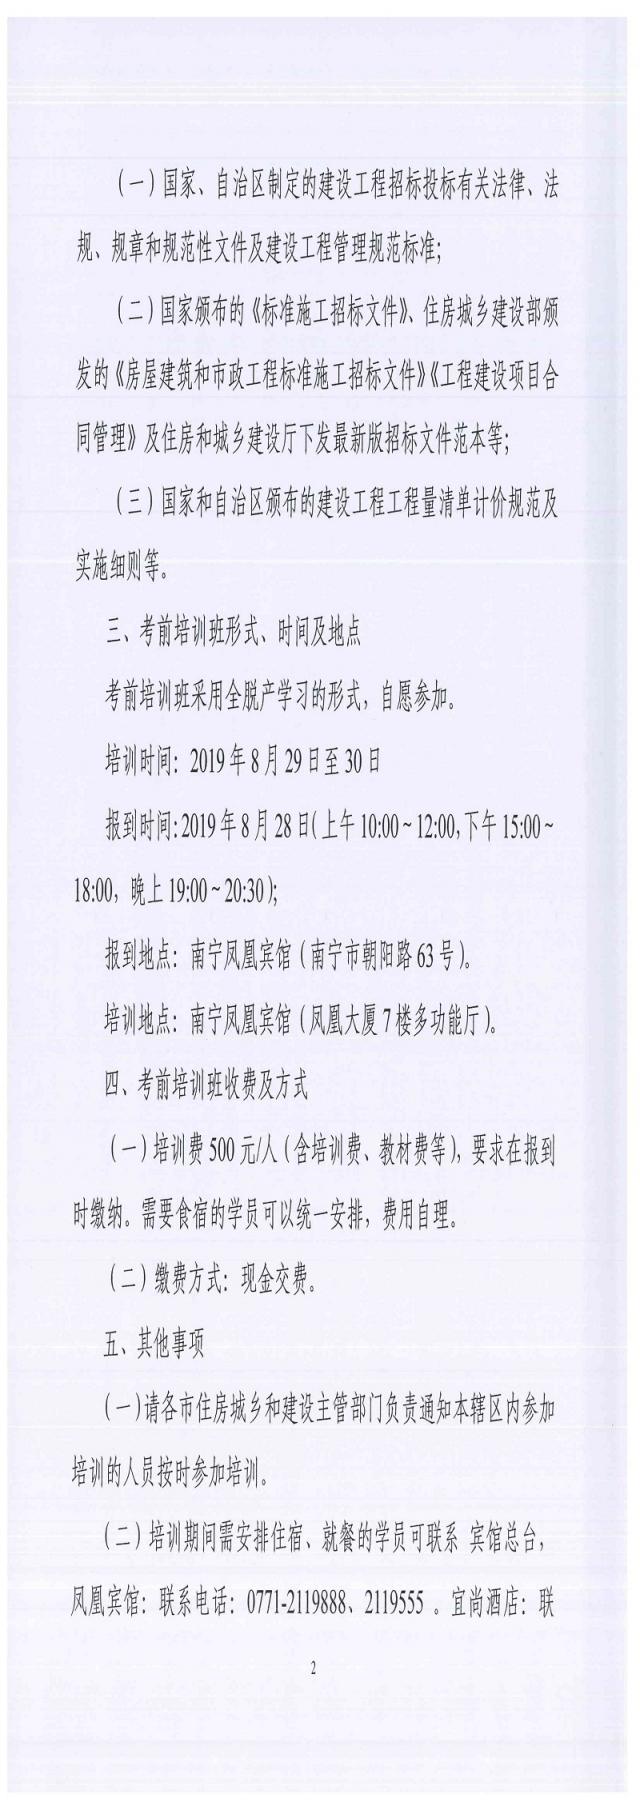 (广西建筑业联合会)桂建联[2019]63号关于举办2019年度广西建设工程招投标评标专家培训班的通知_页面_2.jpg